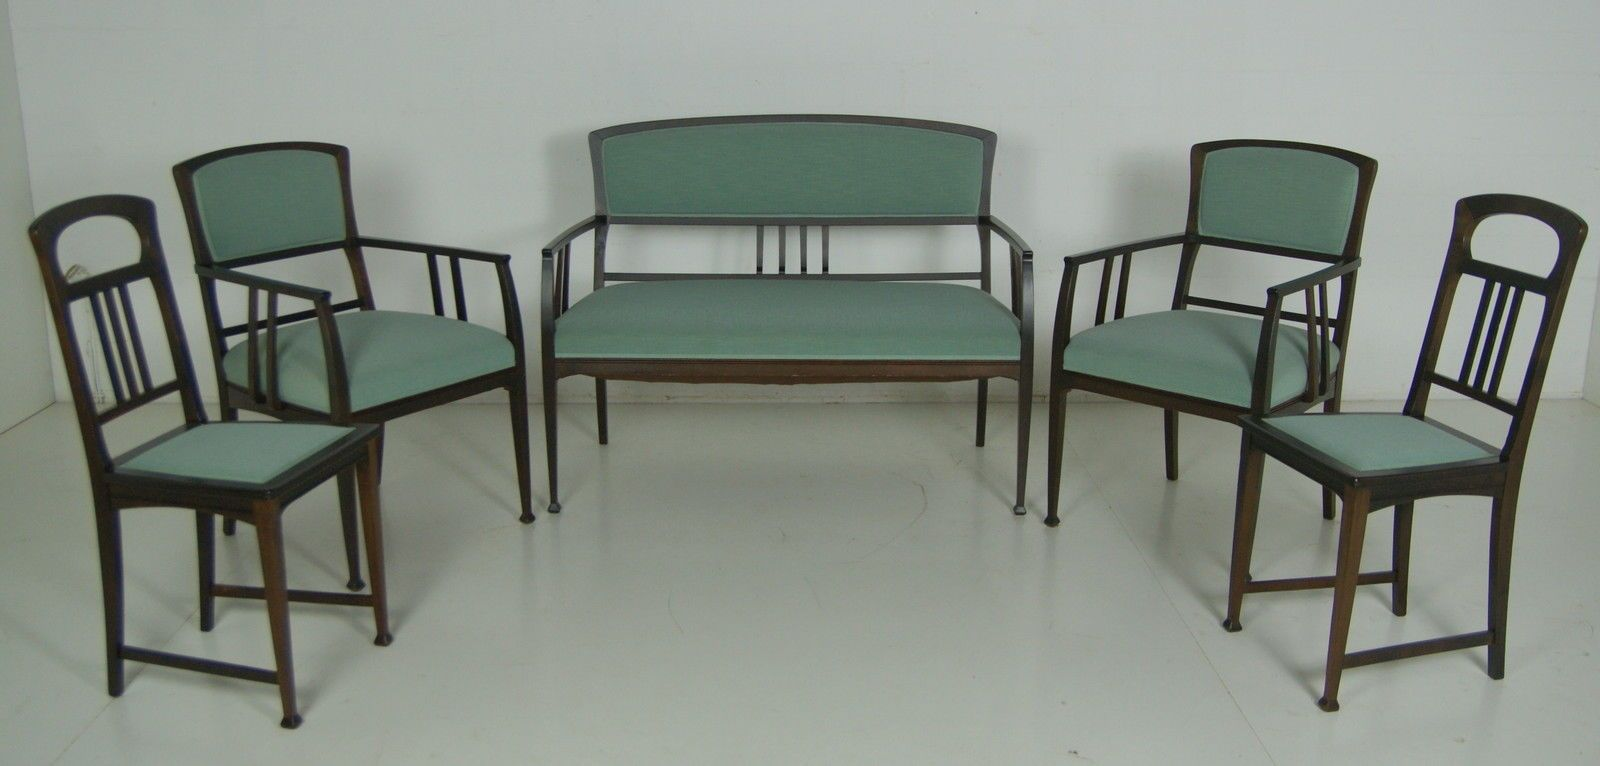 Sitzgarnitur Jugendstil Restauriert 6 Teilig Esszimmer Tisch Sessel